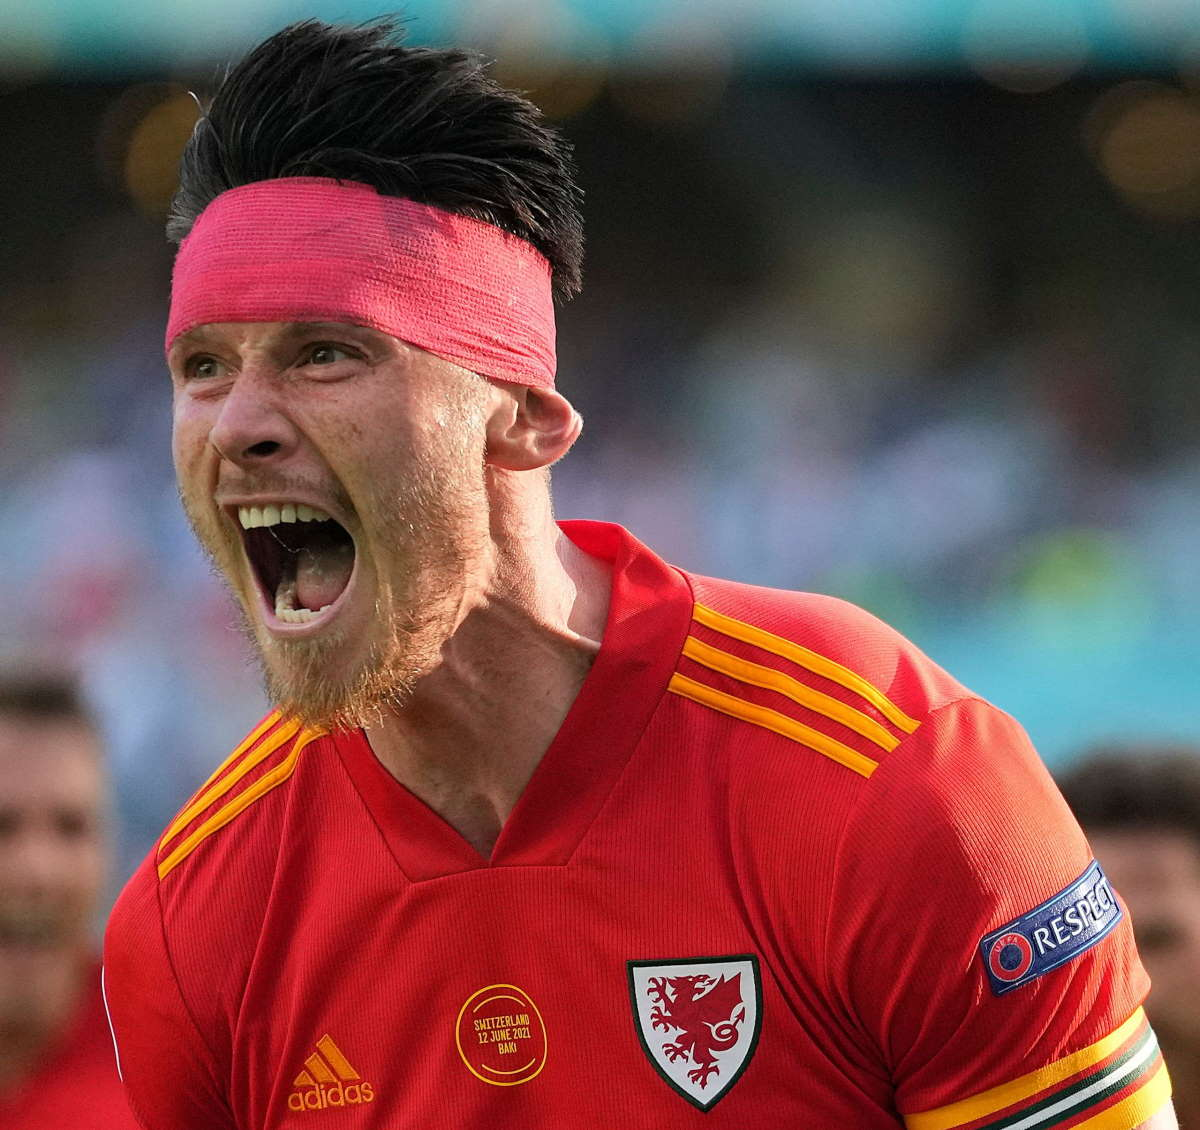 Finisce in parità 1-1 tra Galles e Svizzera l'altra sfida del Gruppo A per Euro 2020